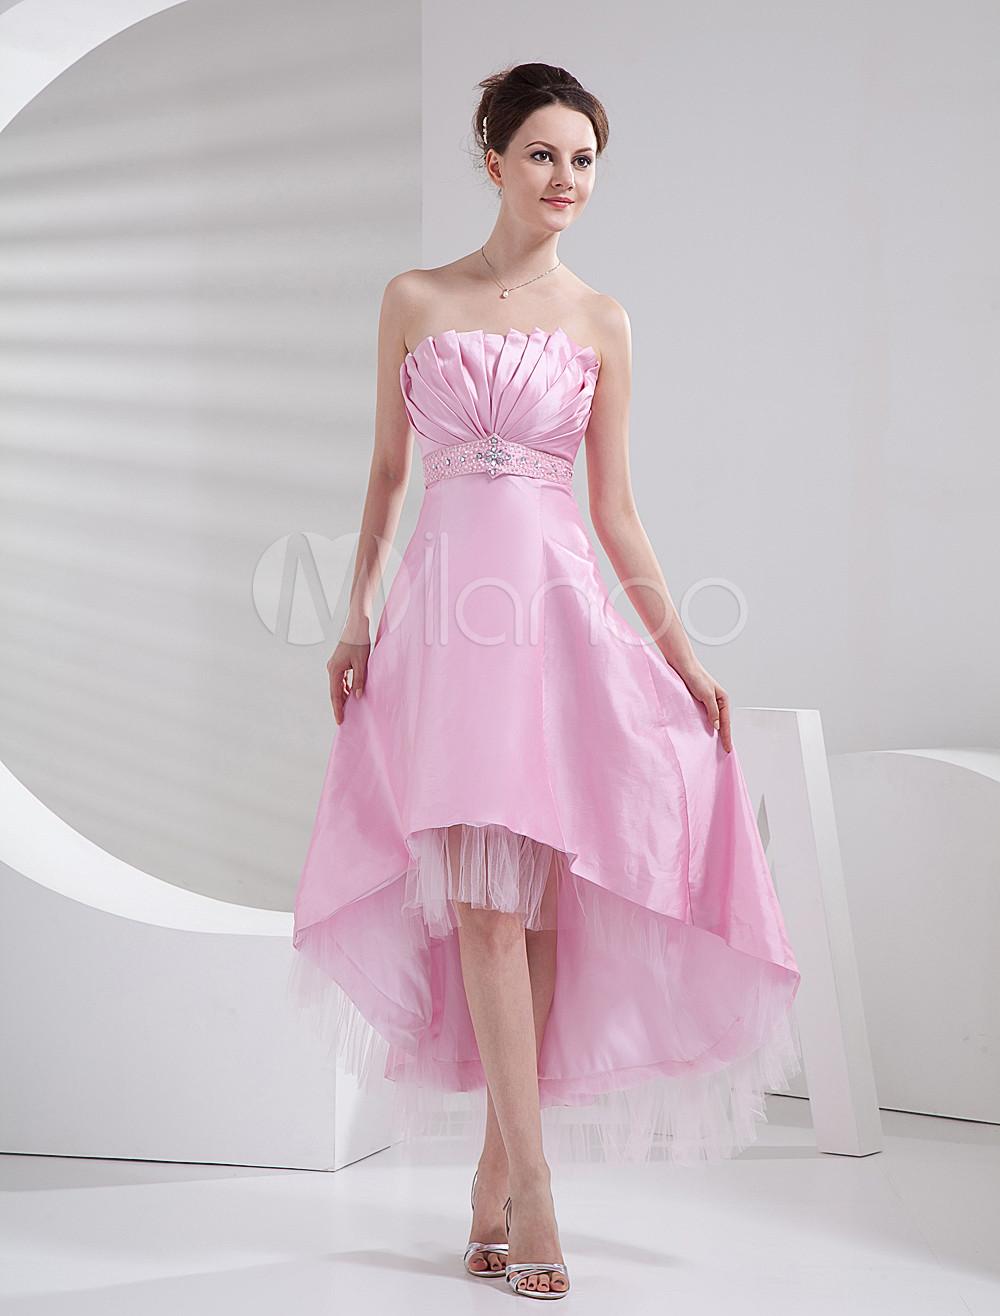 Pink Asymmetrical Hemline A-line Taffeta Net Prom Dress - Milanoo.com